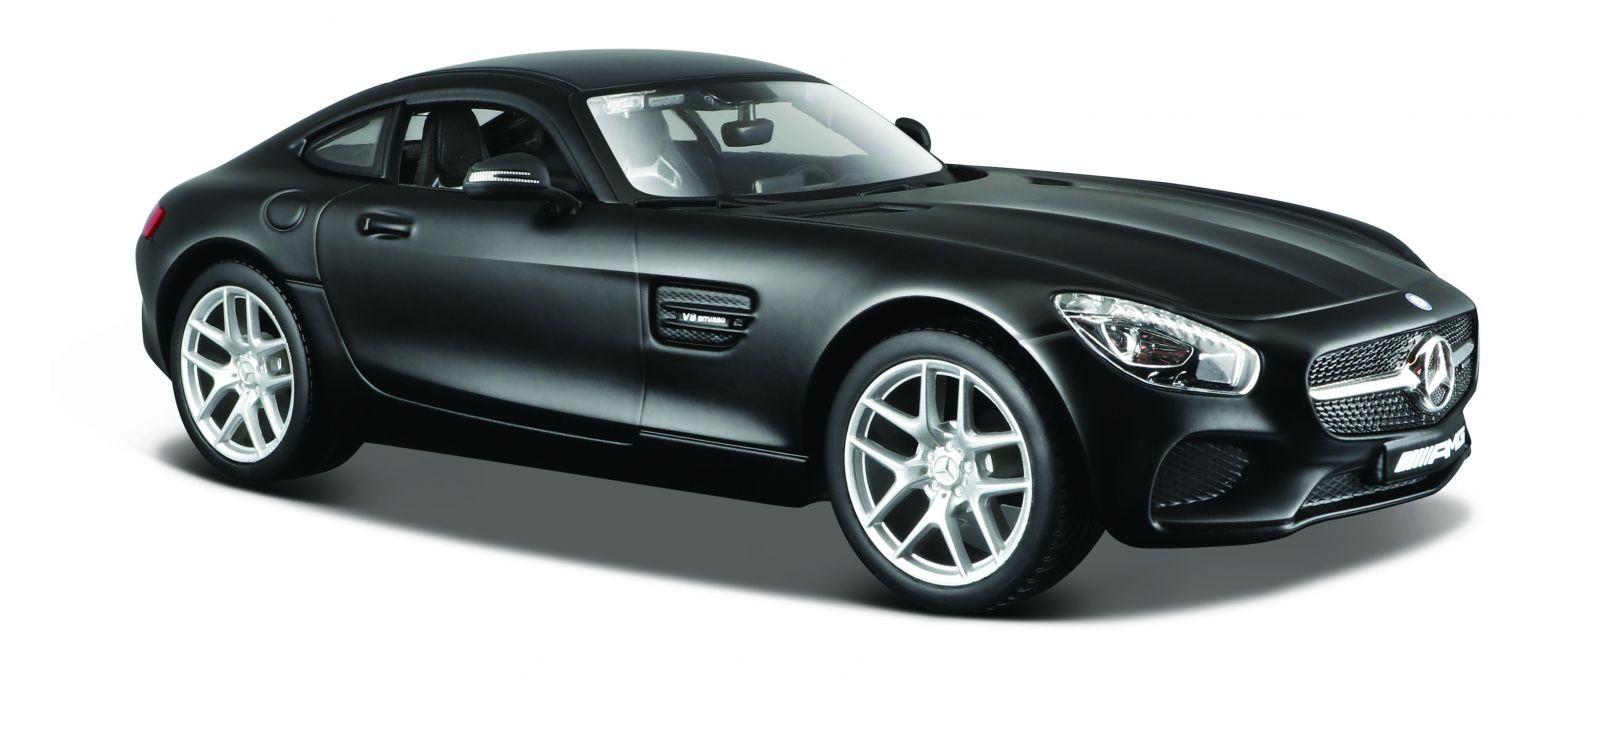 Maisto 1:24 Mercedes AMG GT - matná černá barva